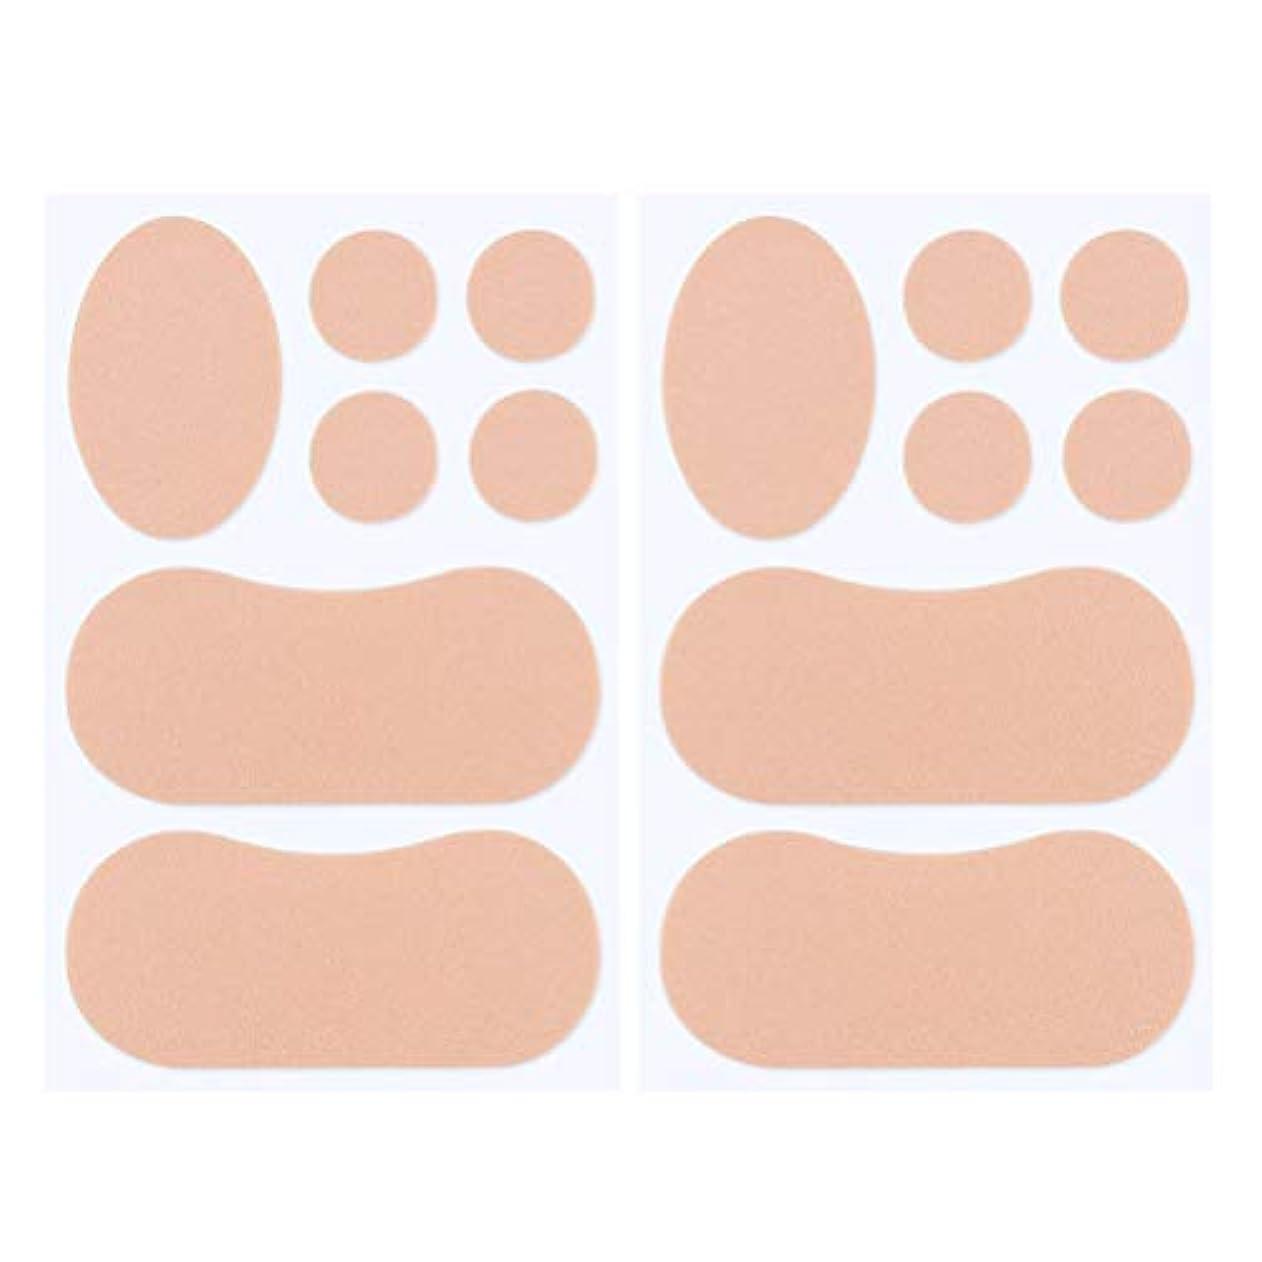 ドア頻繁にご近所Frcolor 2セット靴ずれ防止 ヒールステッカー つま先プロテクター フットケア